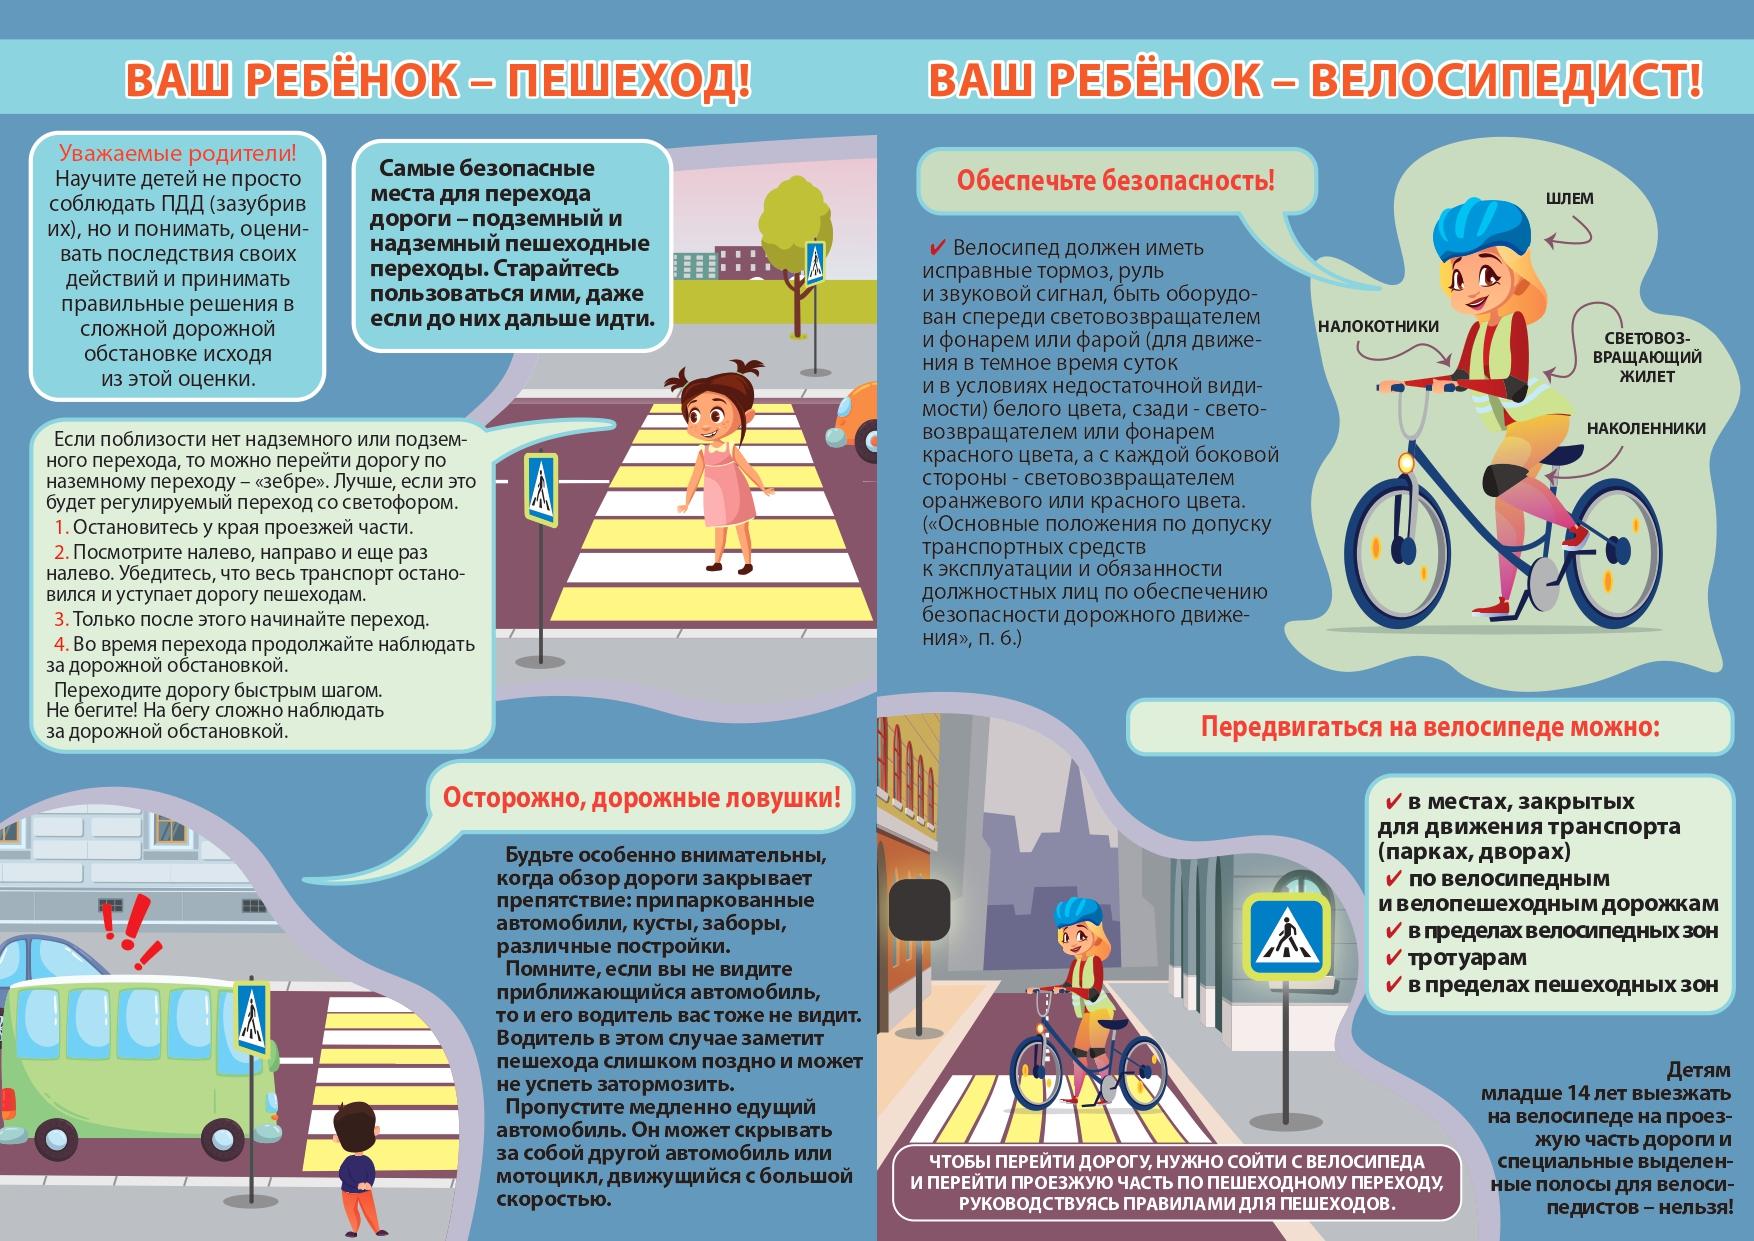 памятка для родителей и детей краснодарский край воа1 С ПРАВКАМИ - сине-голубойновый123_page-0002